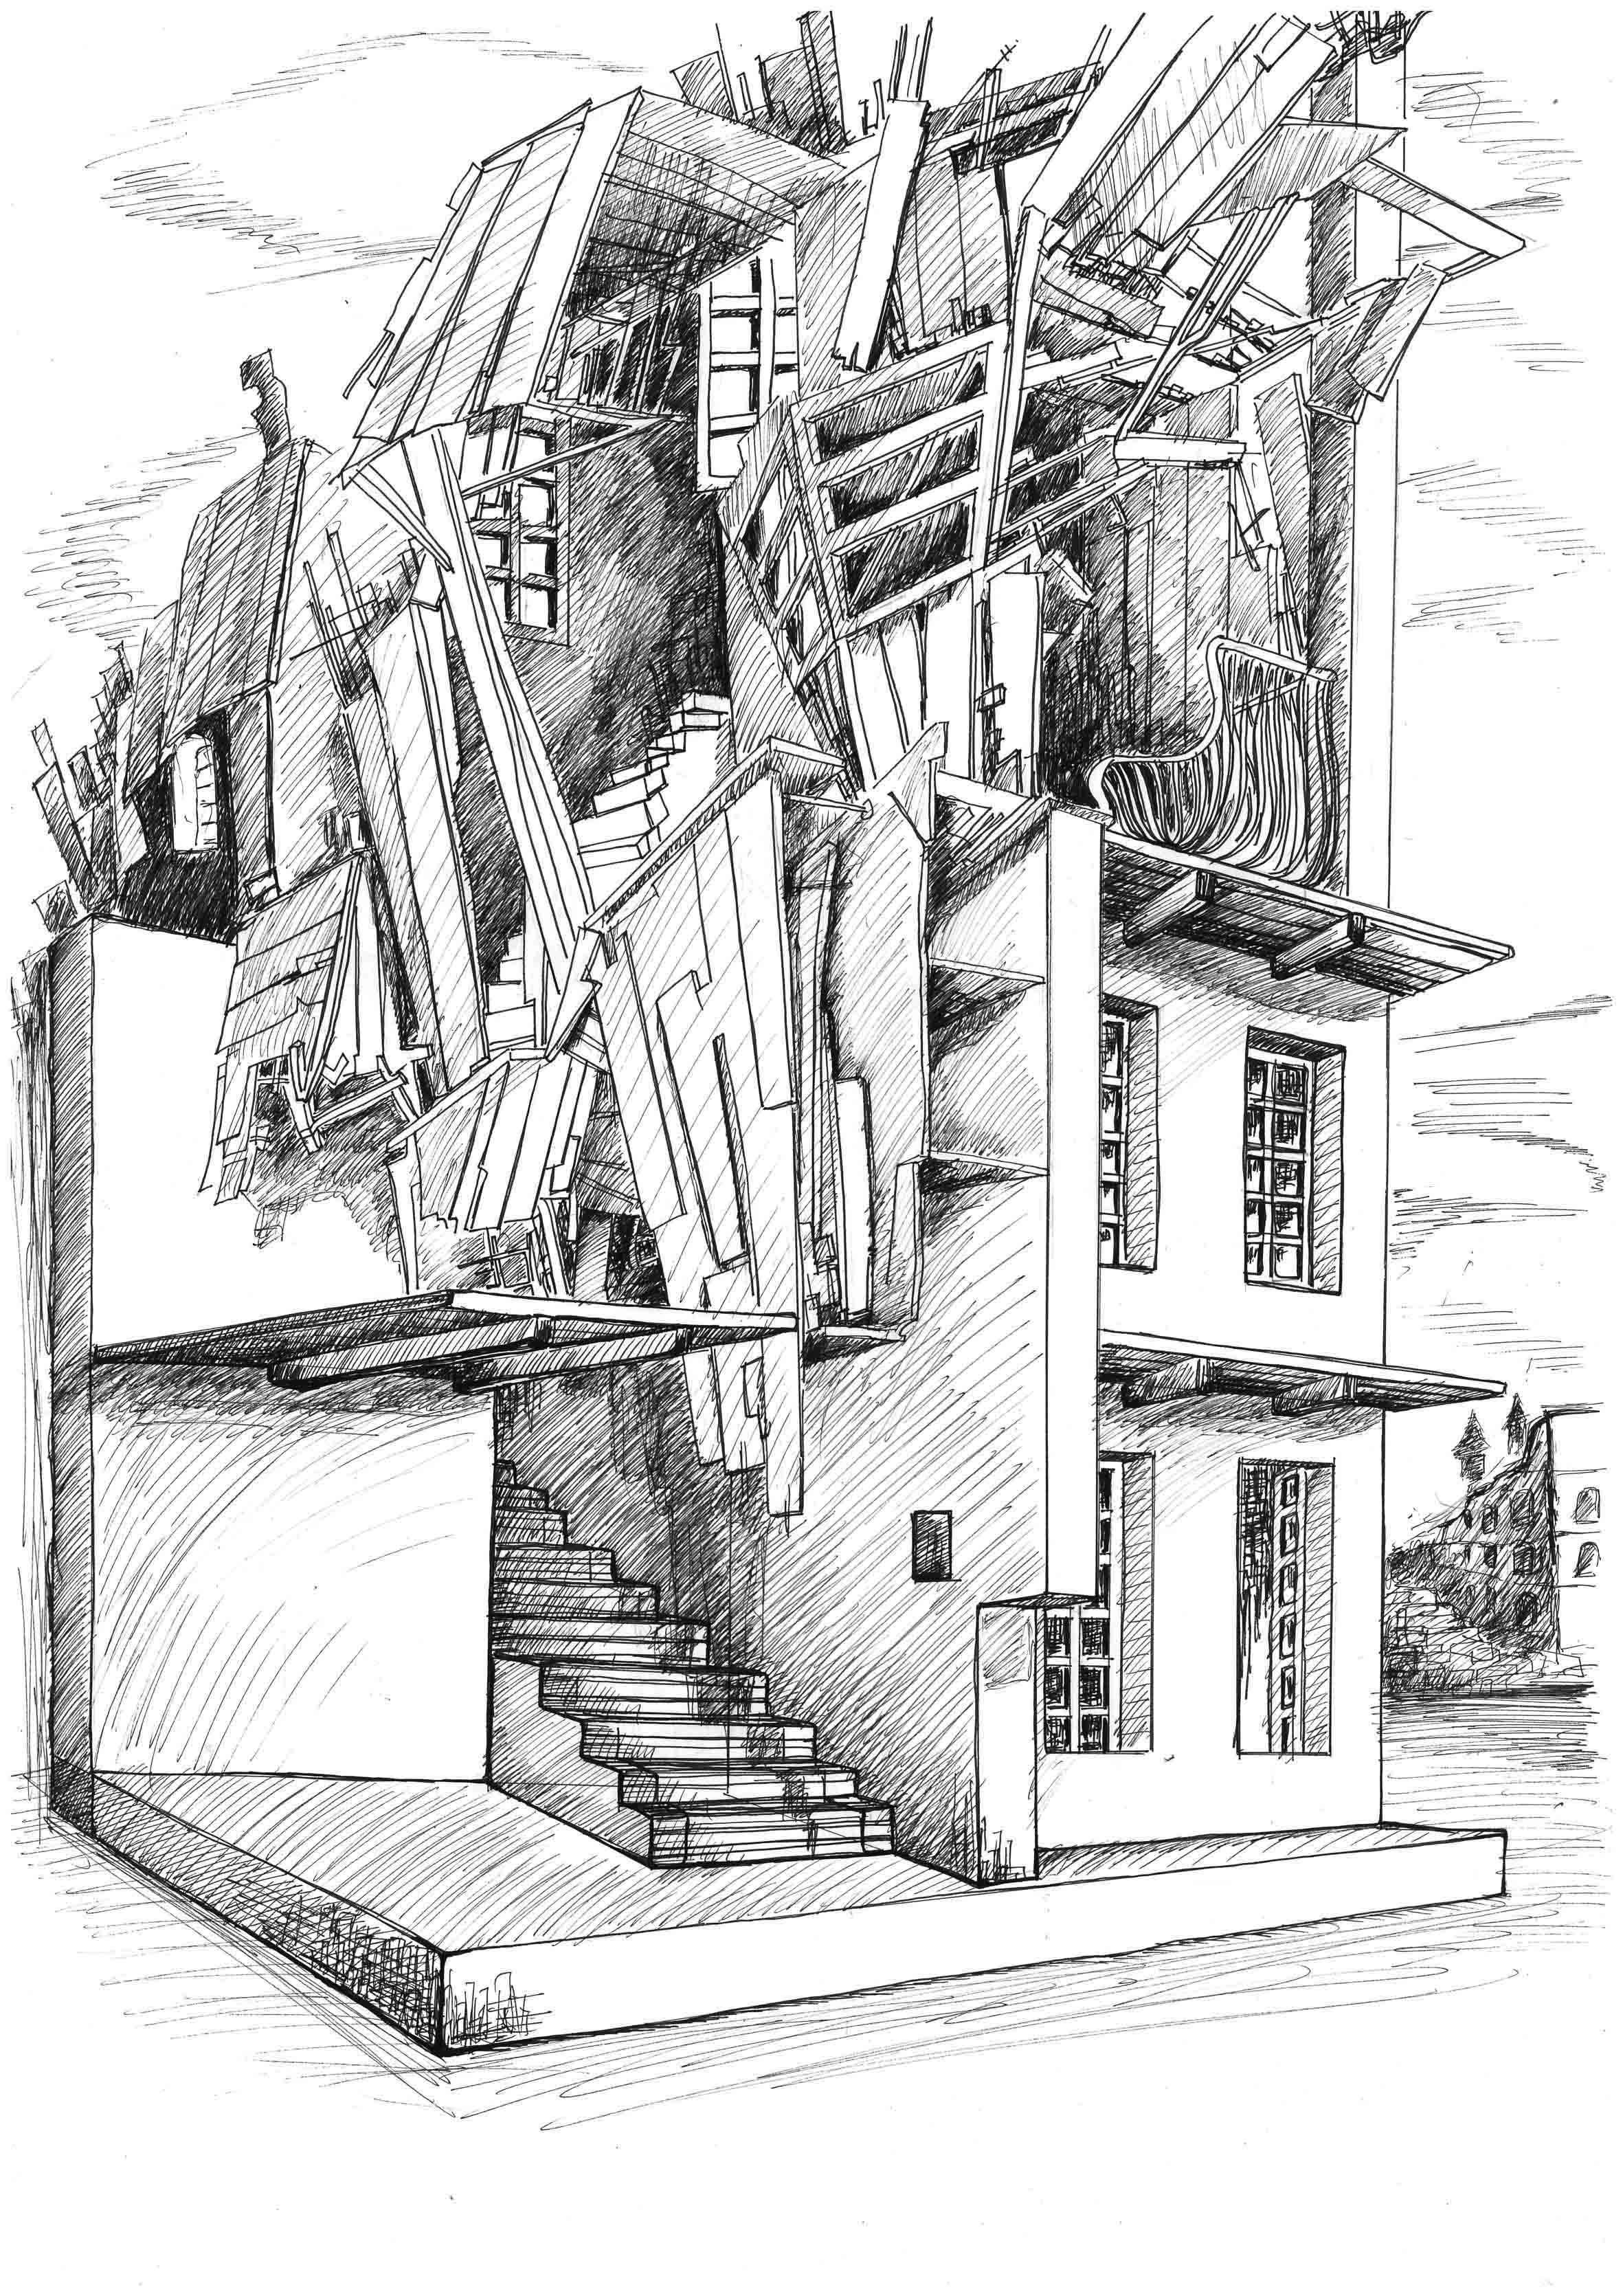 architecture #10